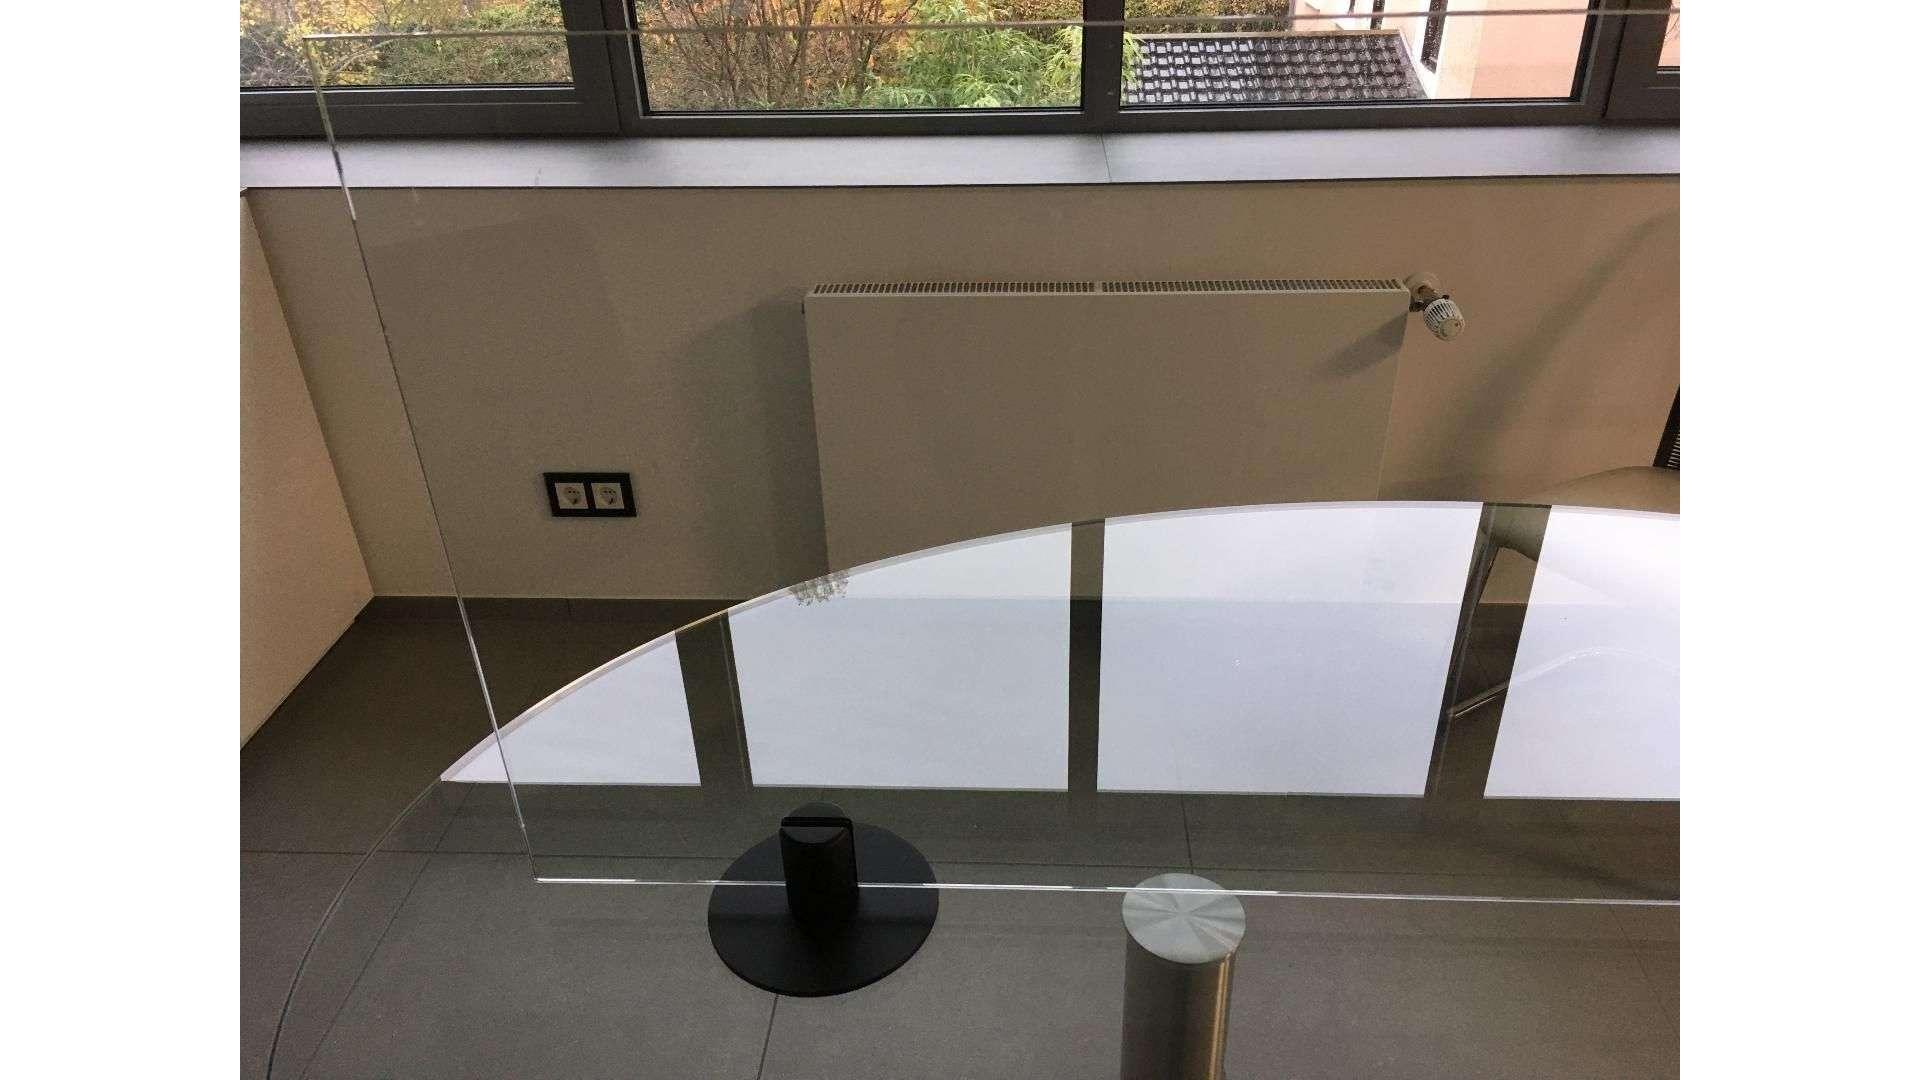 Spuckschutz auf einem Esstisch in der Küche